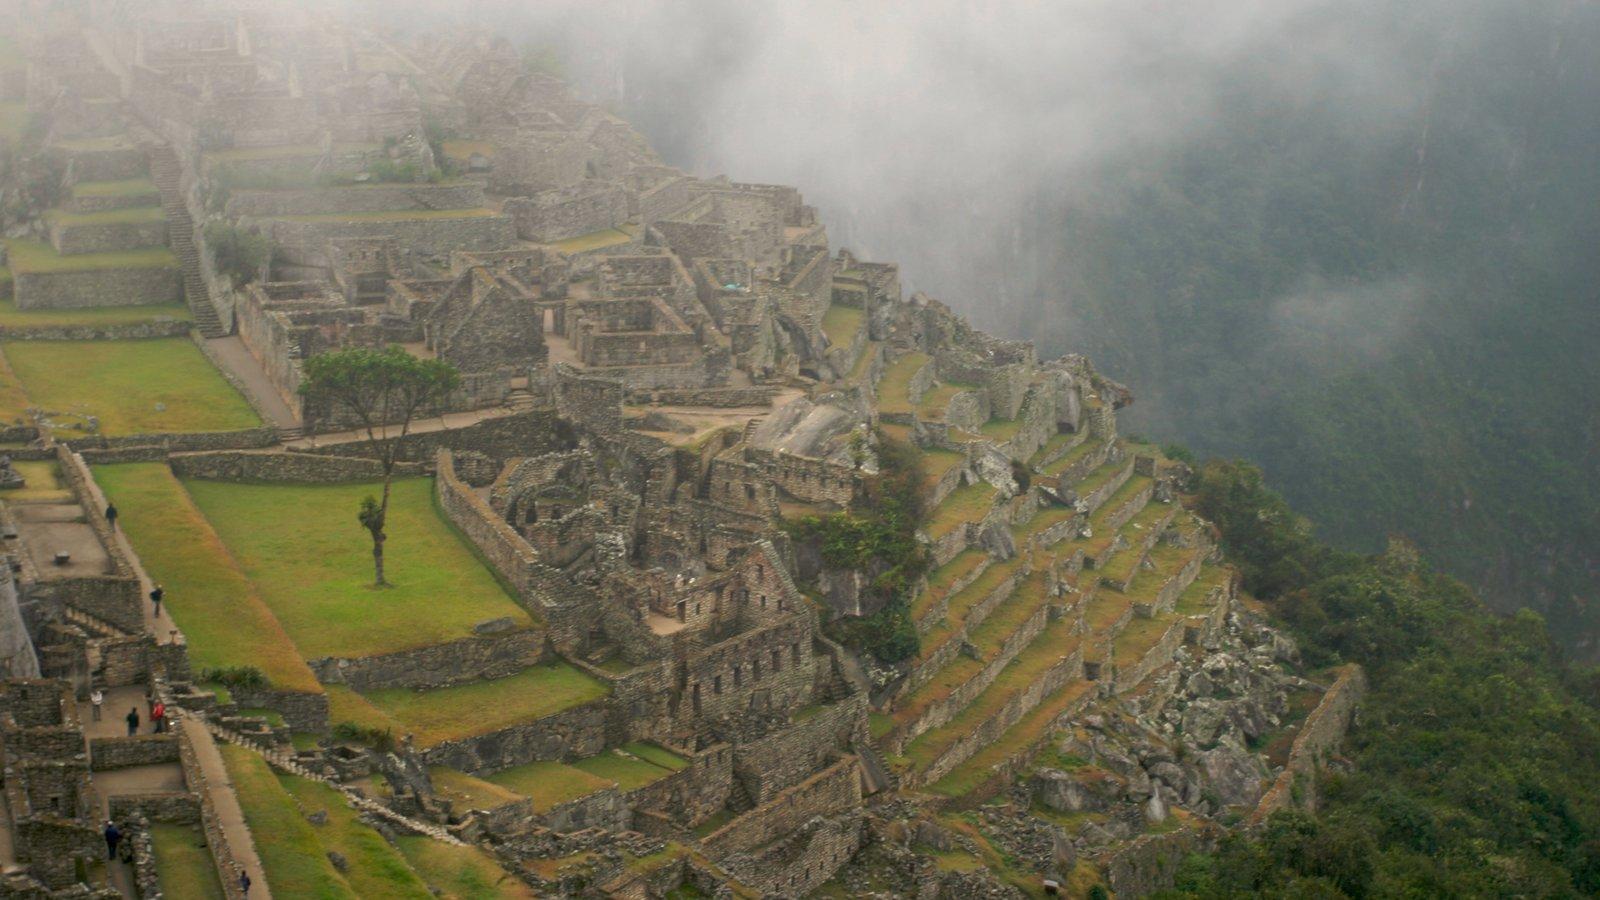 Machu Picchu caracterizando montanhas, neblina e uma ruína